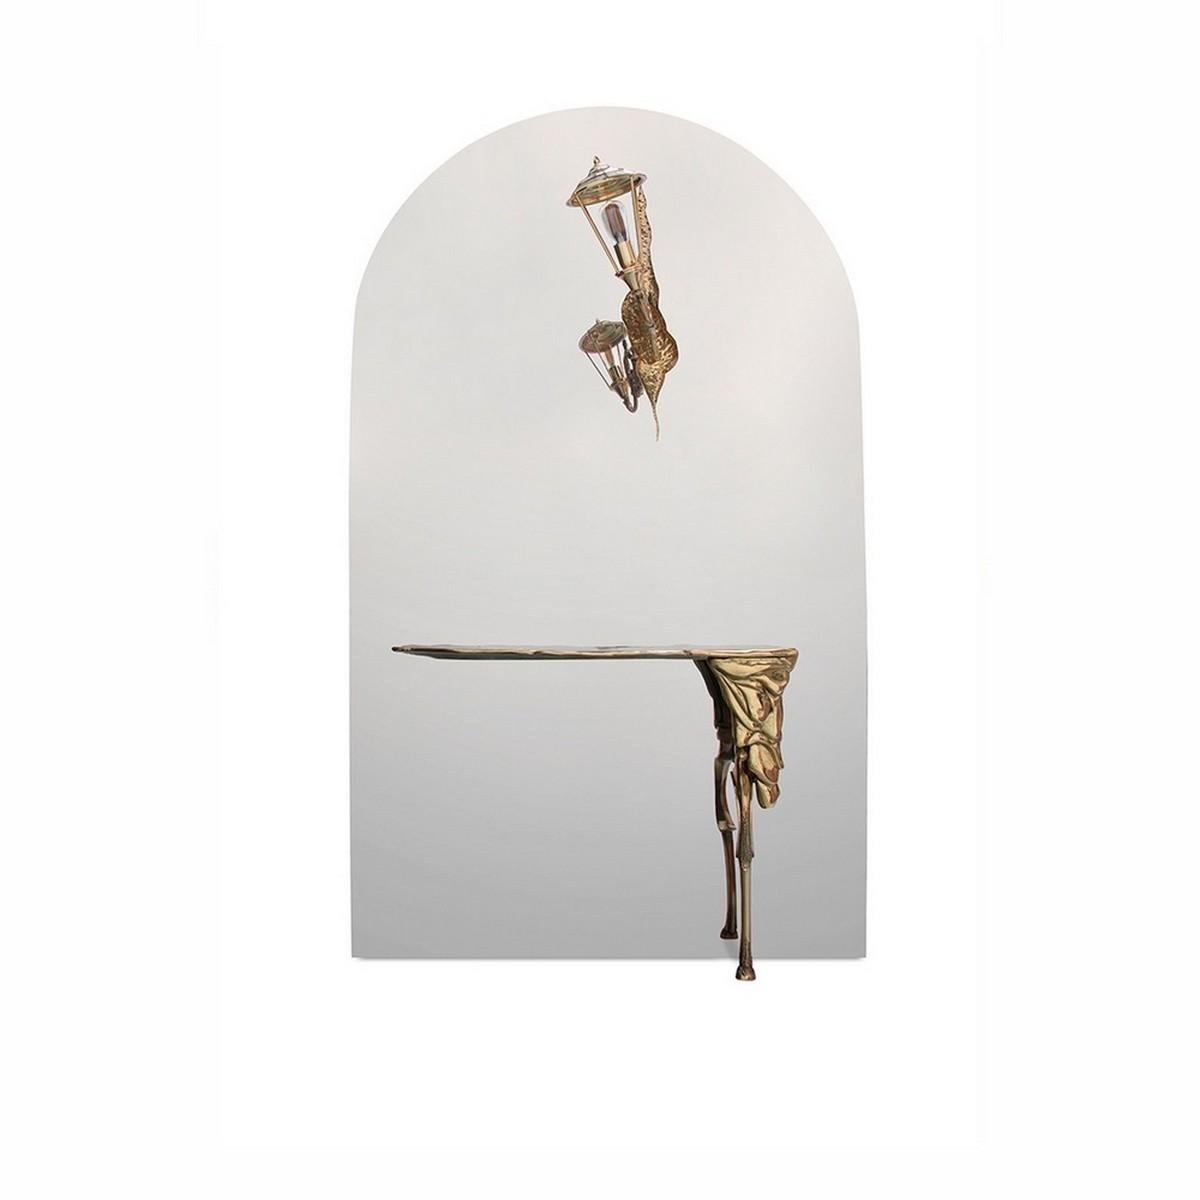 Espejos excluisvos: Piezas elegantes y lujuosas para un proyecto perfecto espejos exclusivos Espejos exclusivos: Piezas elegantes y lujuosas para un proyecto perfecto lumiere console boca do lobo 01 1 1